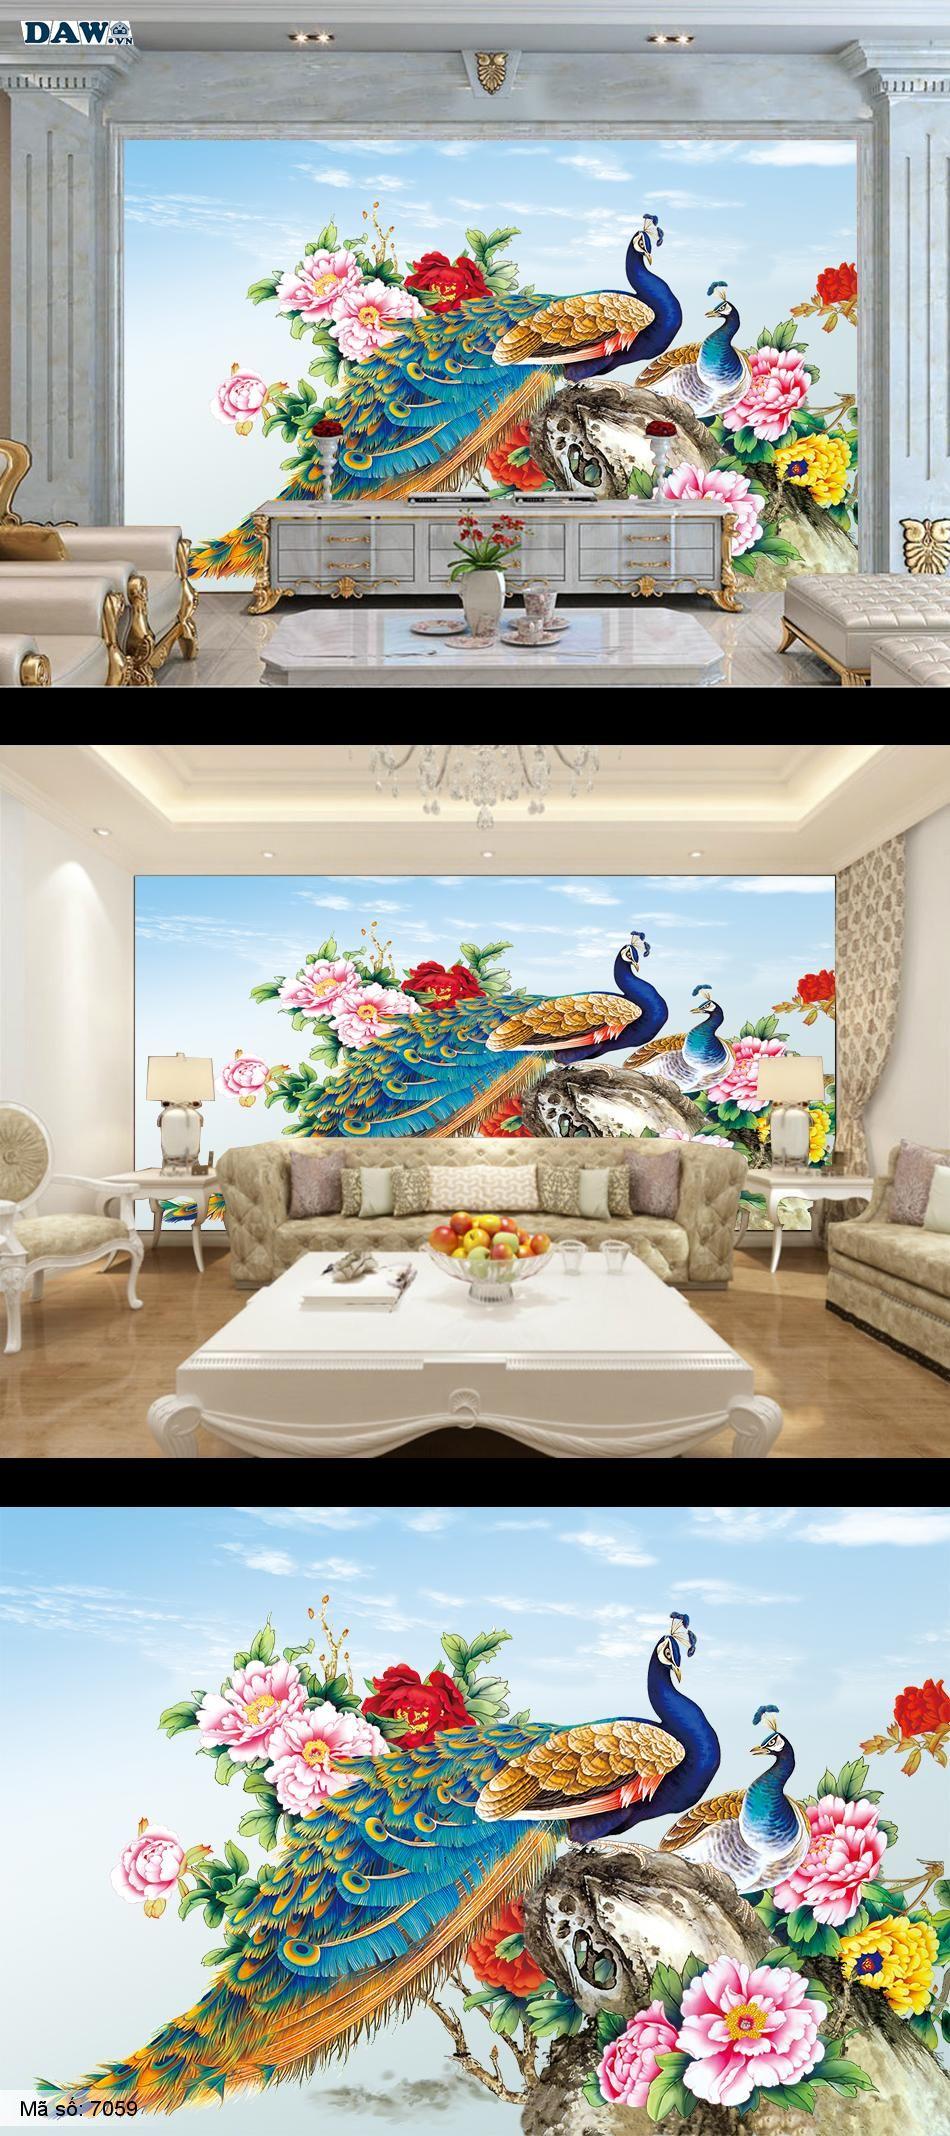 Tranh dán tường chim công, con công, tranh dan tuong, tranh dan tuong phong thuy 7059